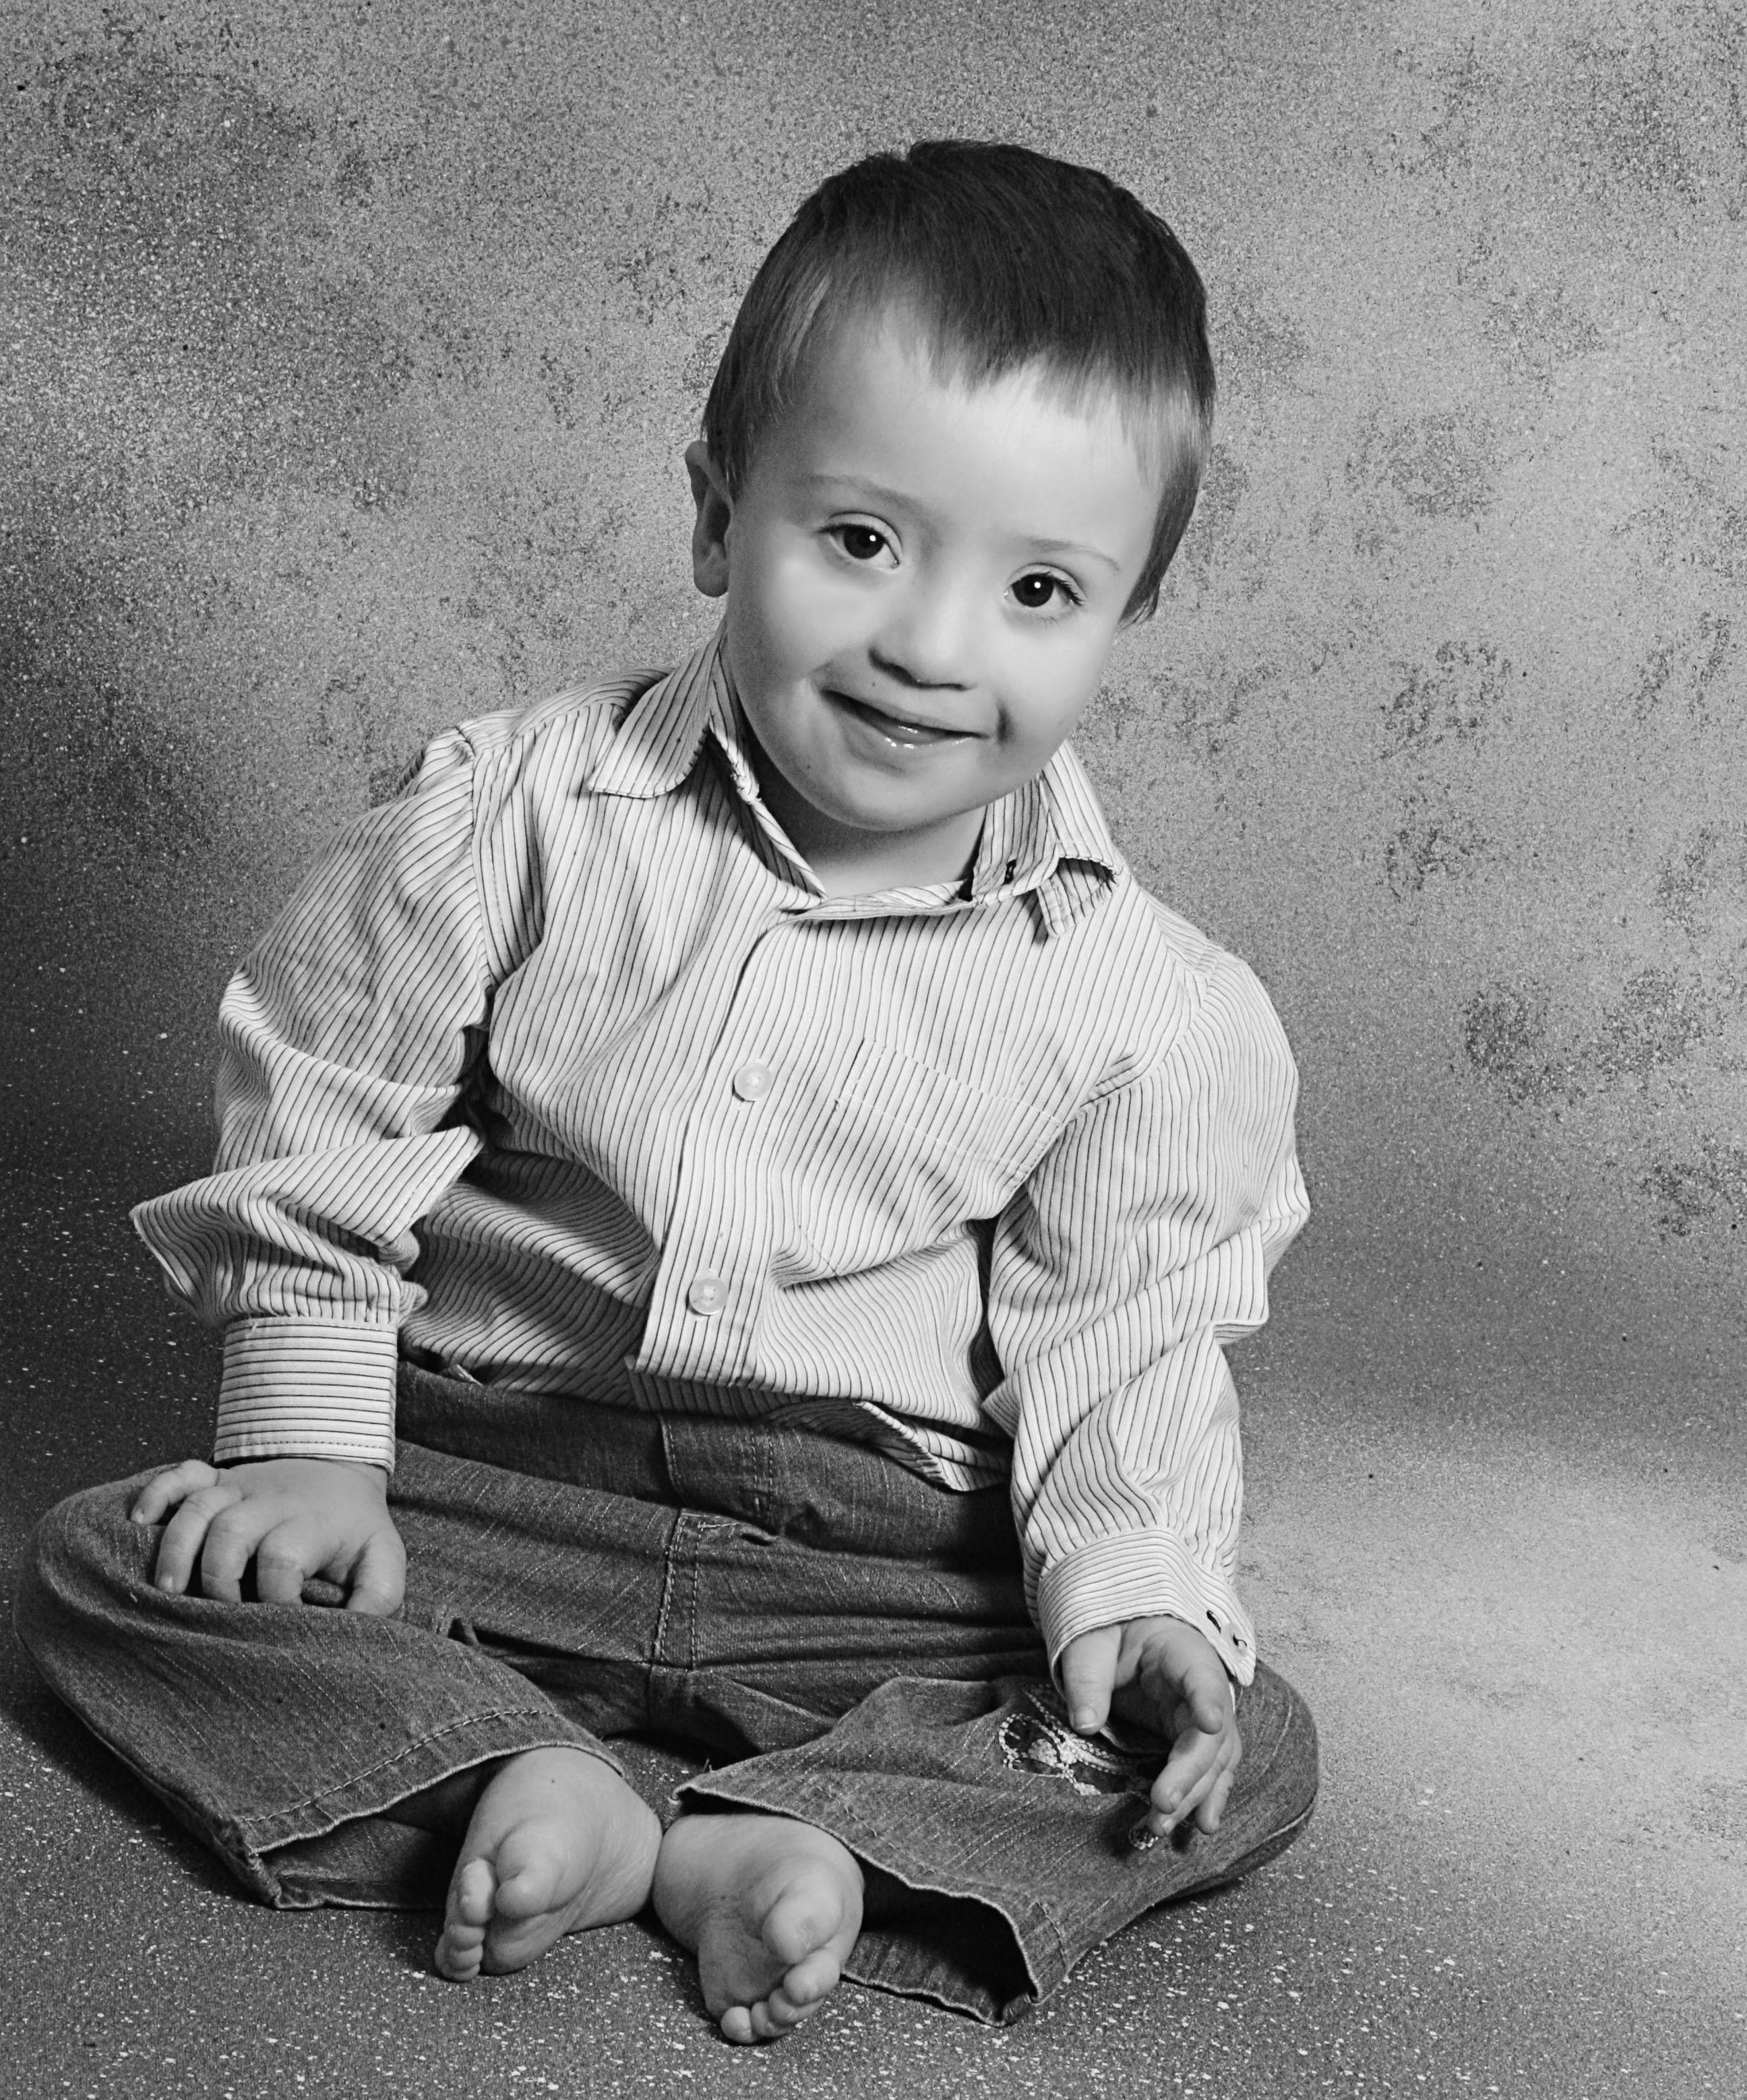 Fotoprojekt: Menschen mit Down-Syndrom: Glück kennt keine Behinderung